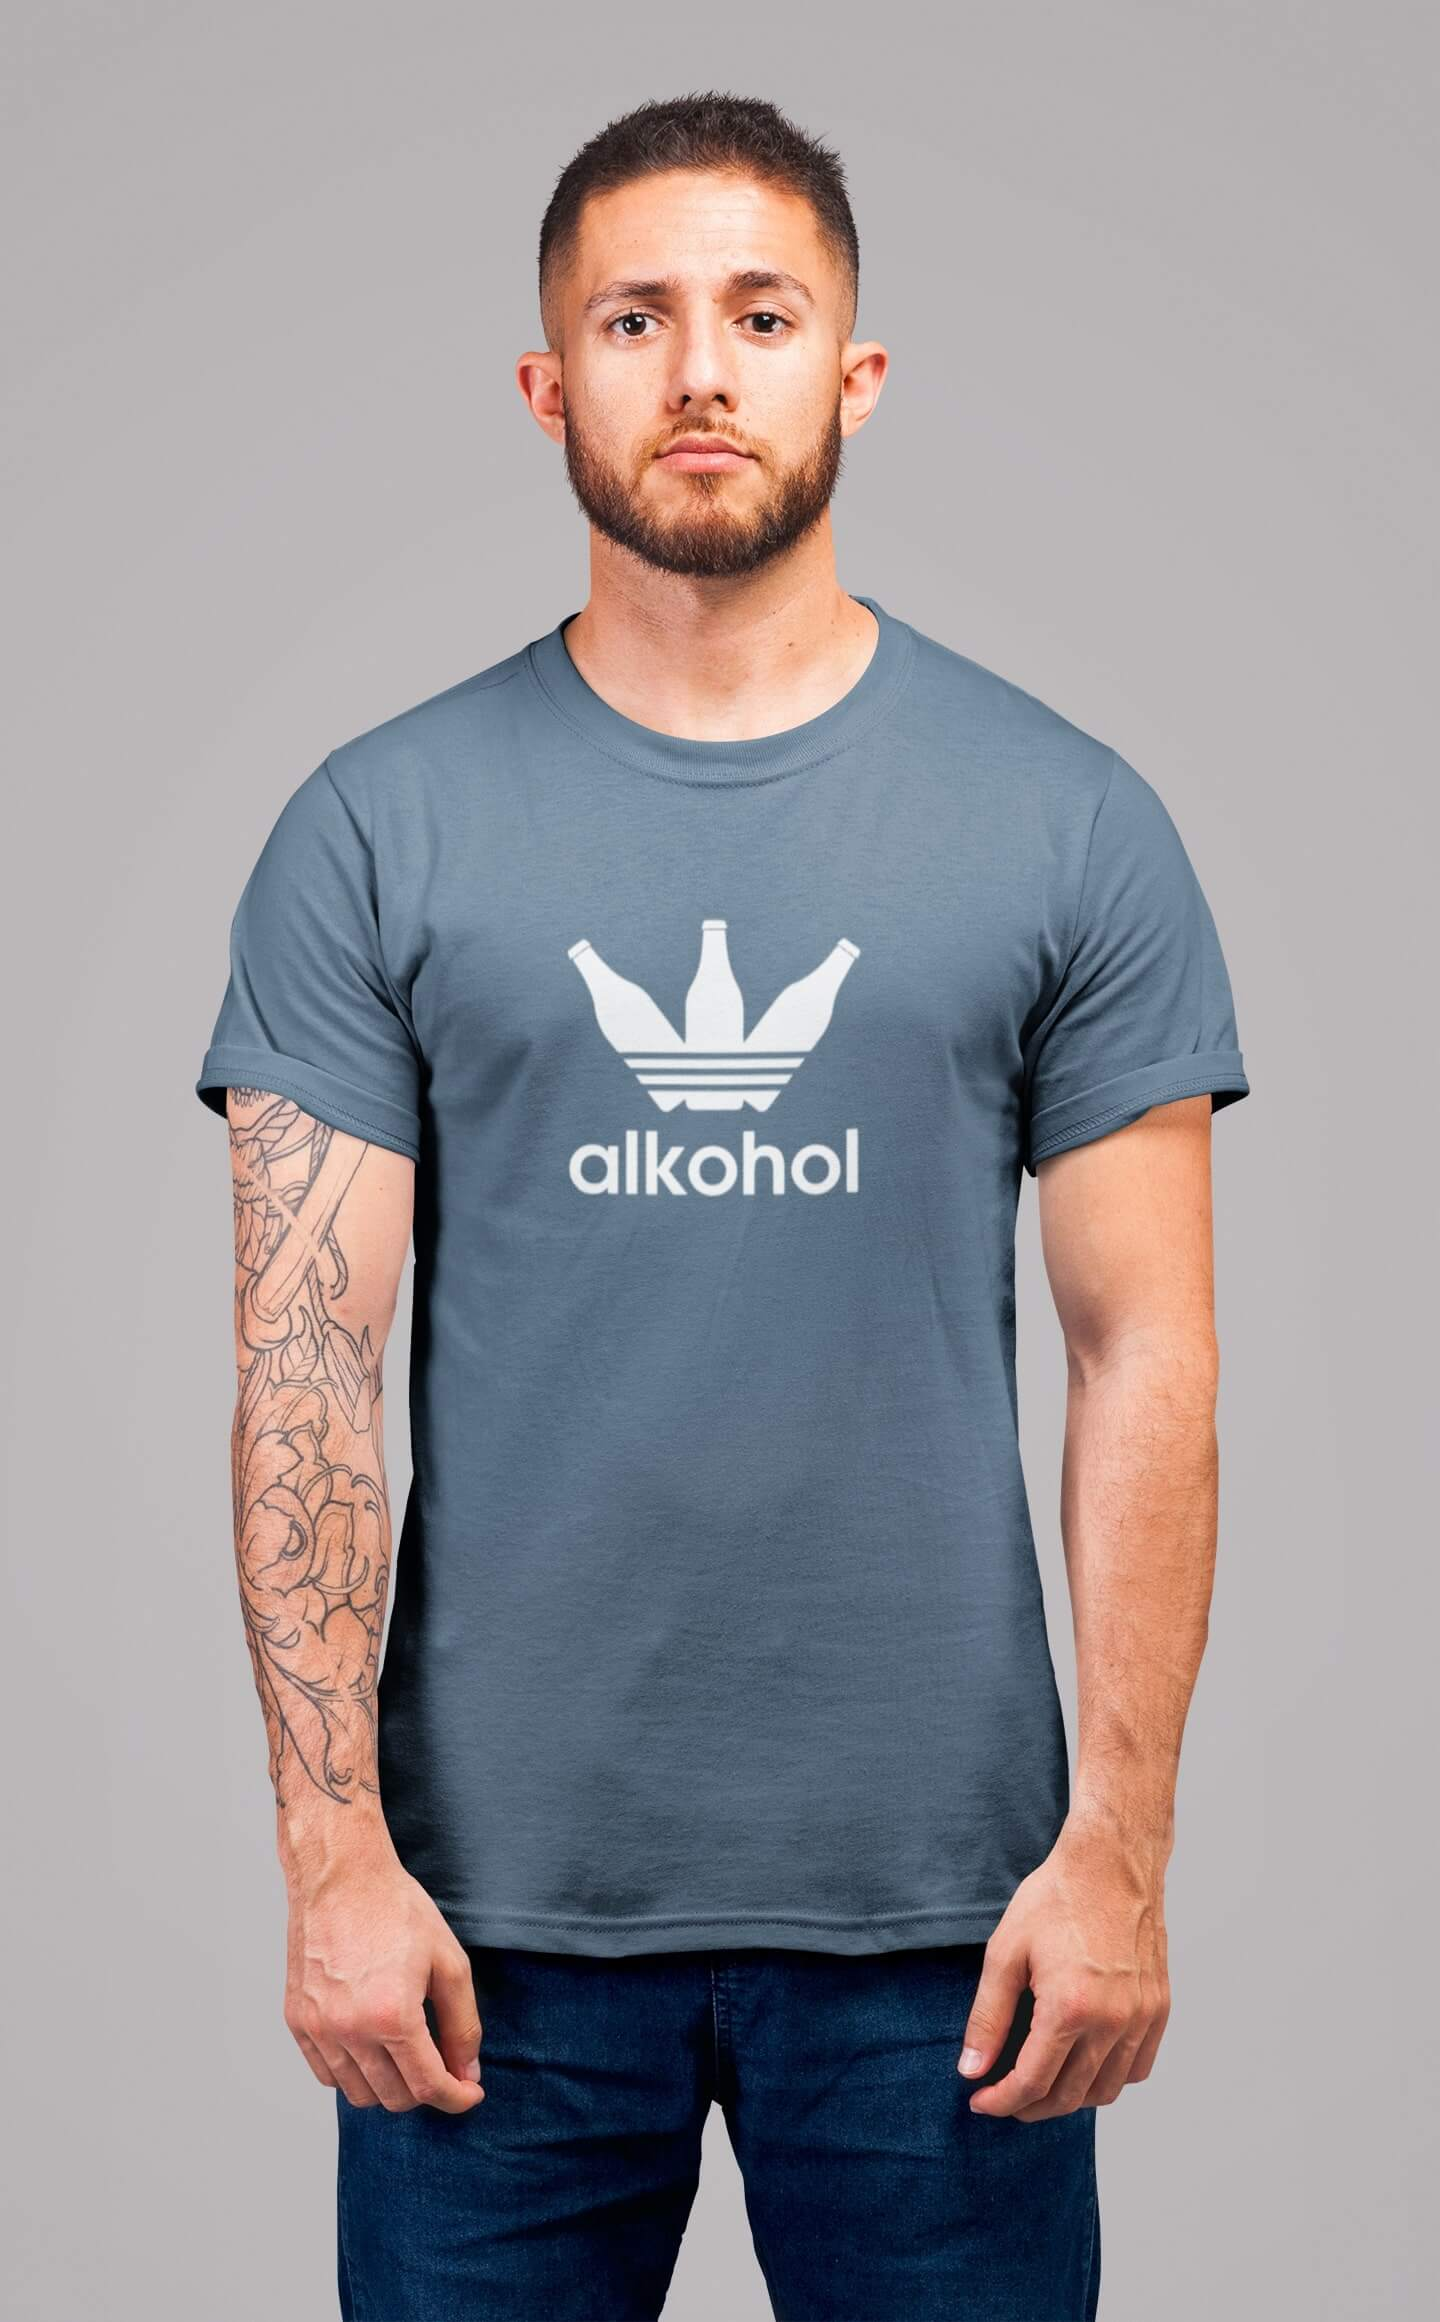 MMO Pánske tričko s flaškami Vyberte farbu: Denim, Pánska veľkosť: S